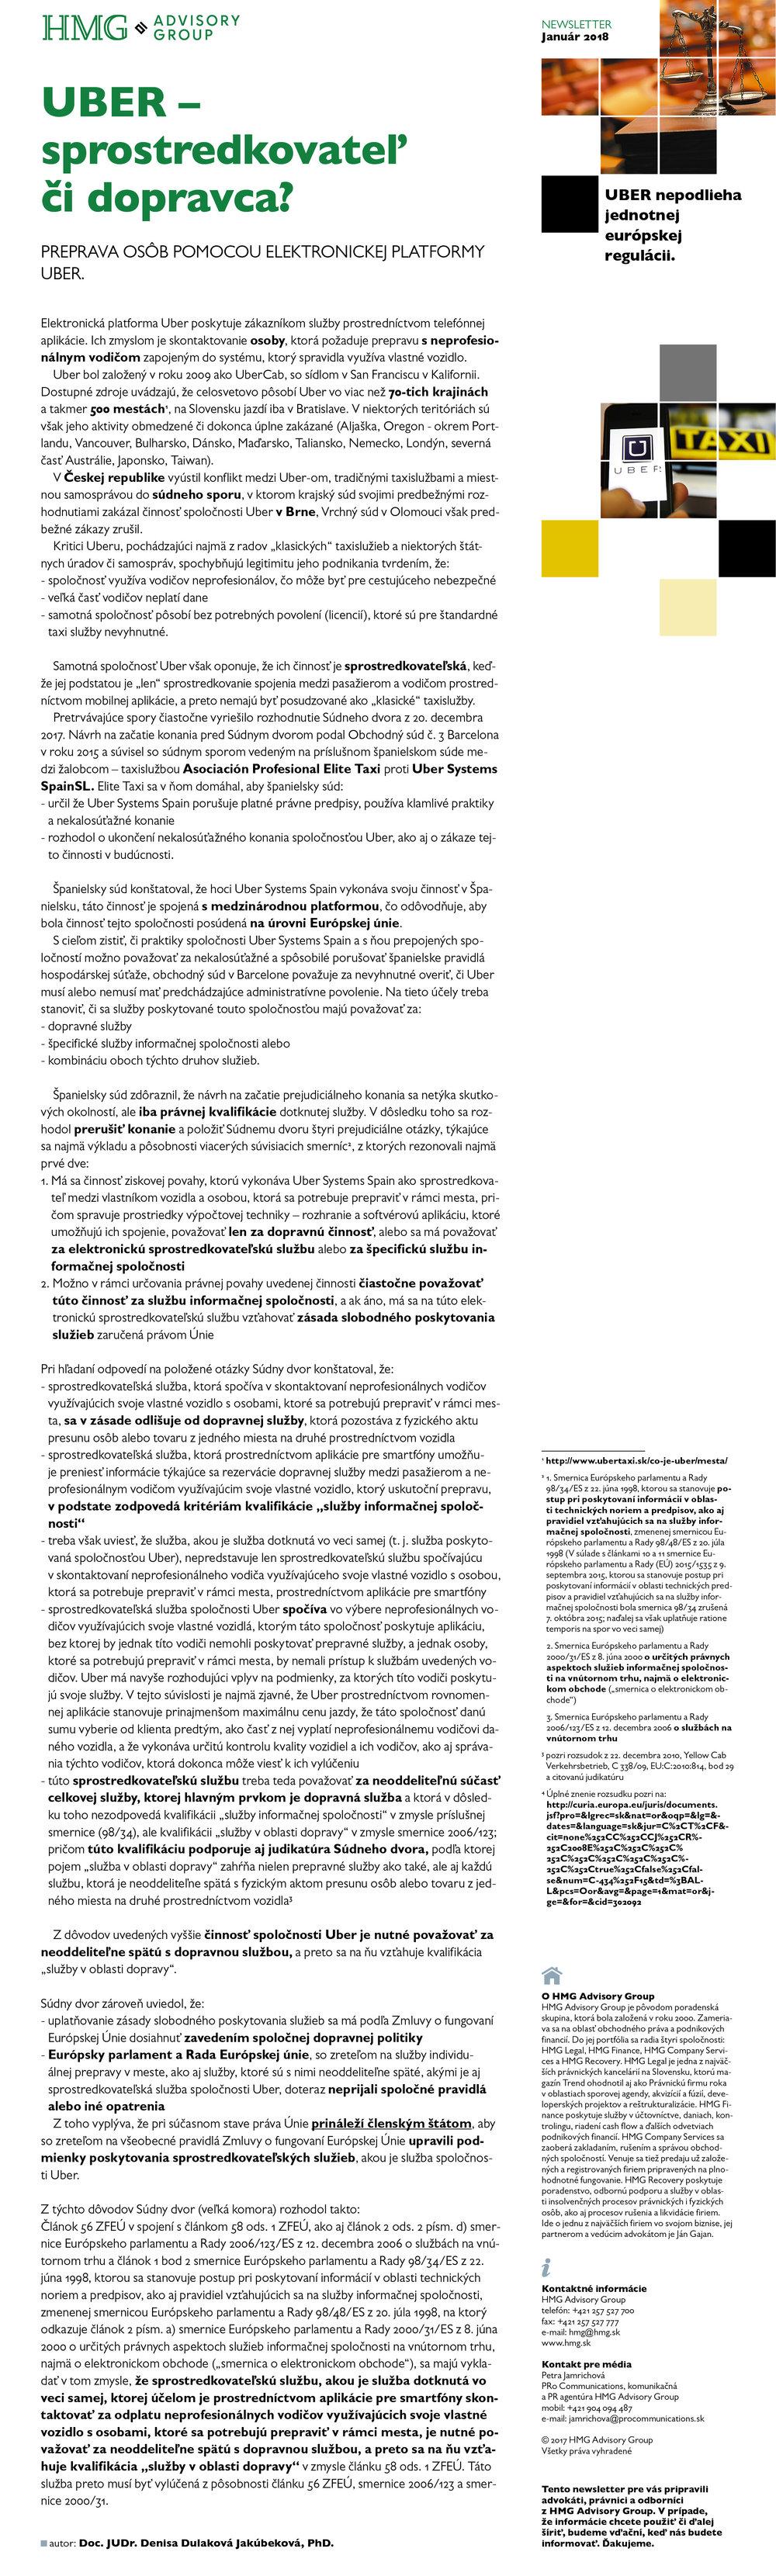 HMG_newsletter_UBER.jpg